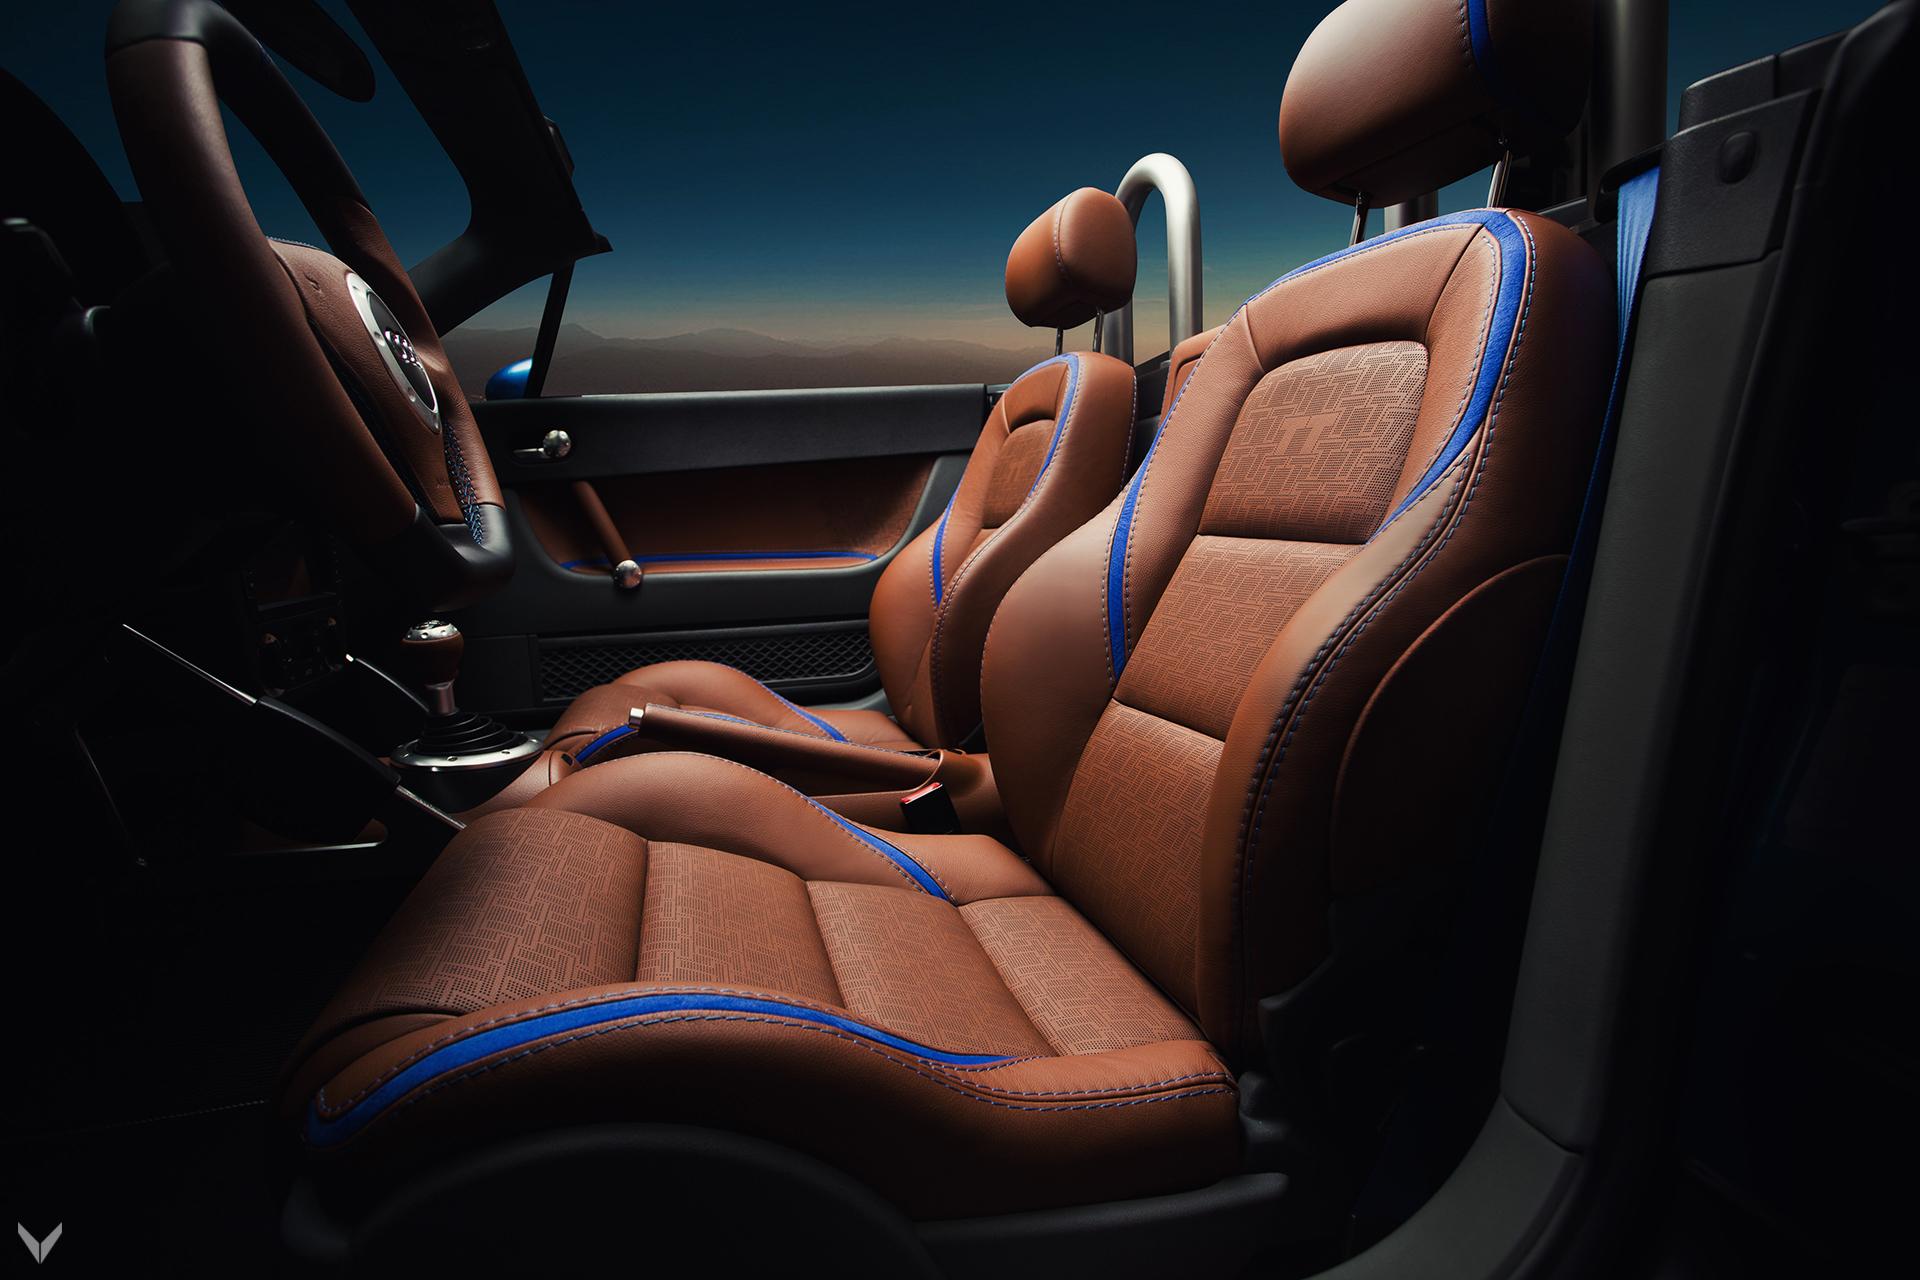 Команда дизайнеров заметила синюю тему в салоне авто.